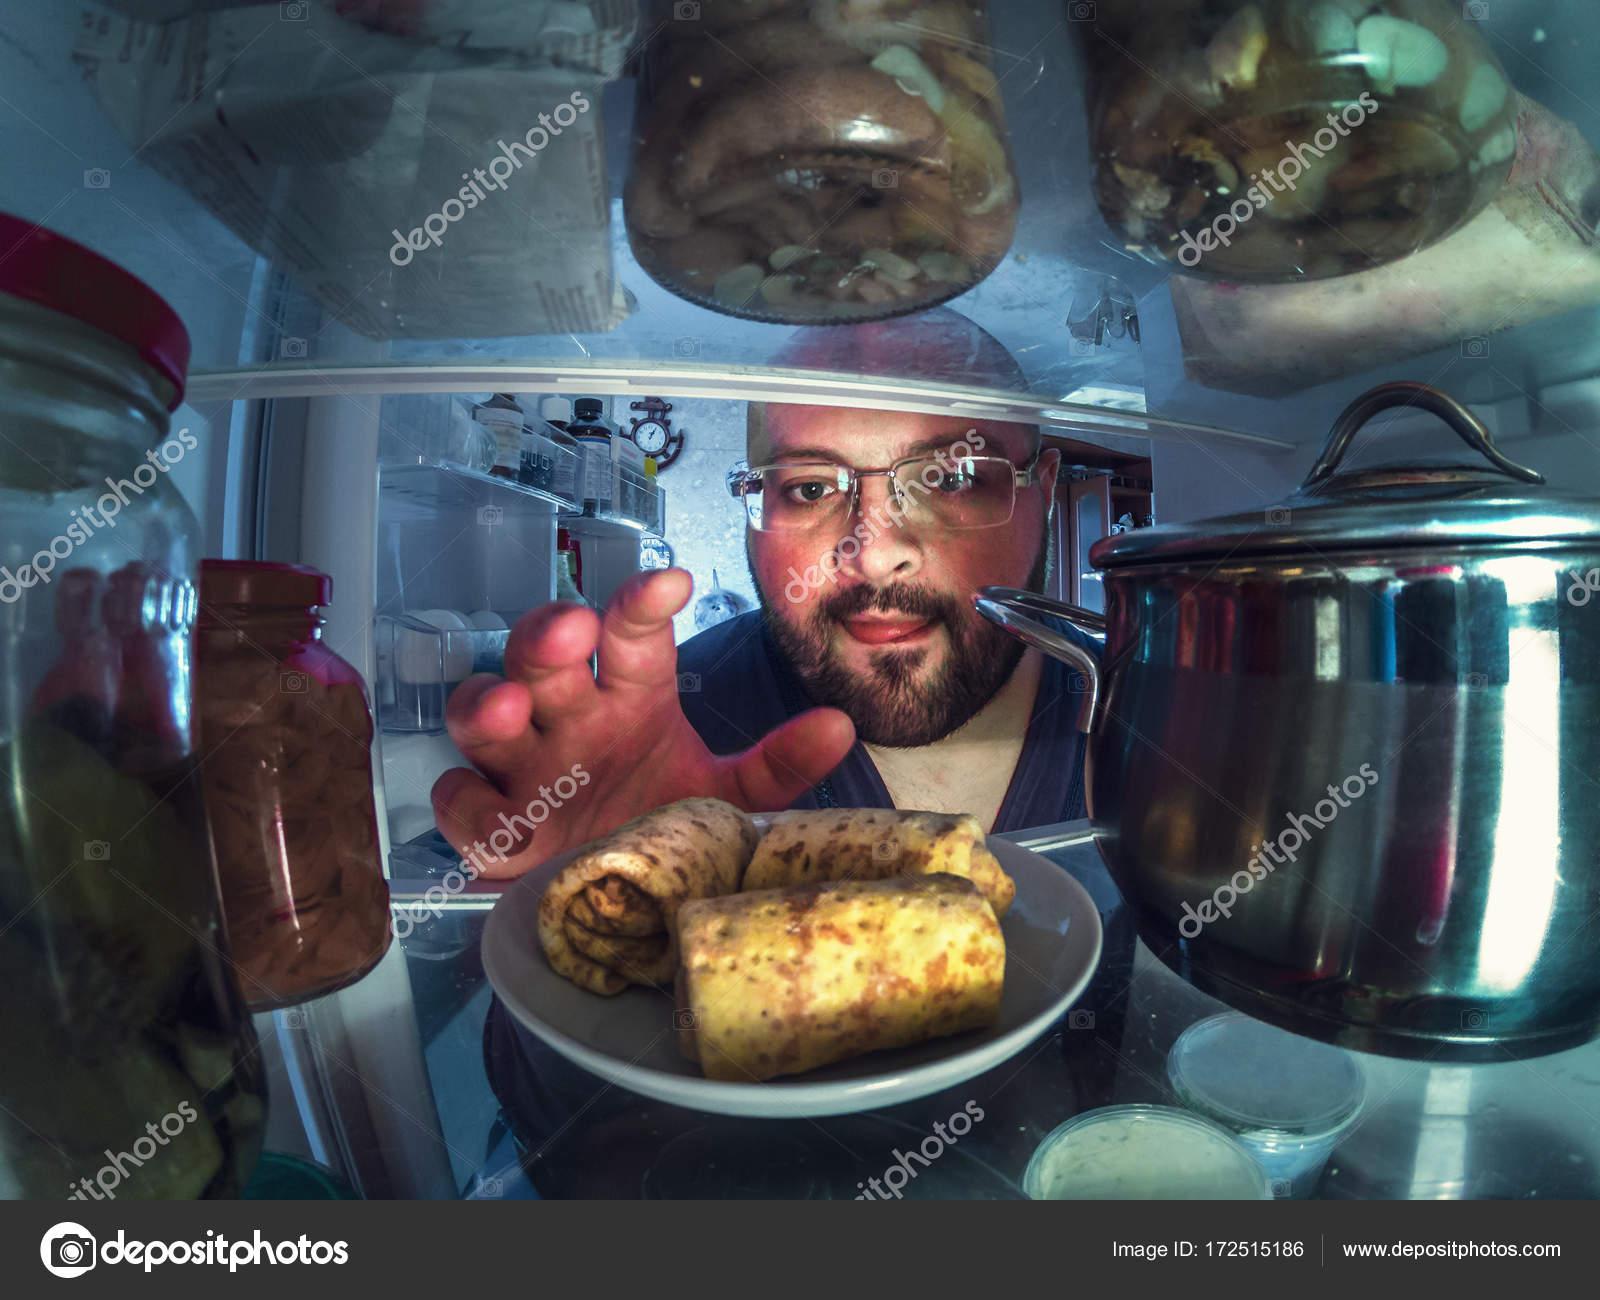 Kühlschrank Platte : Hungriger junge mann nimmt platte mit pfannkuchen aus offenen